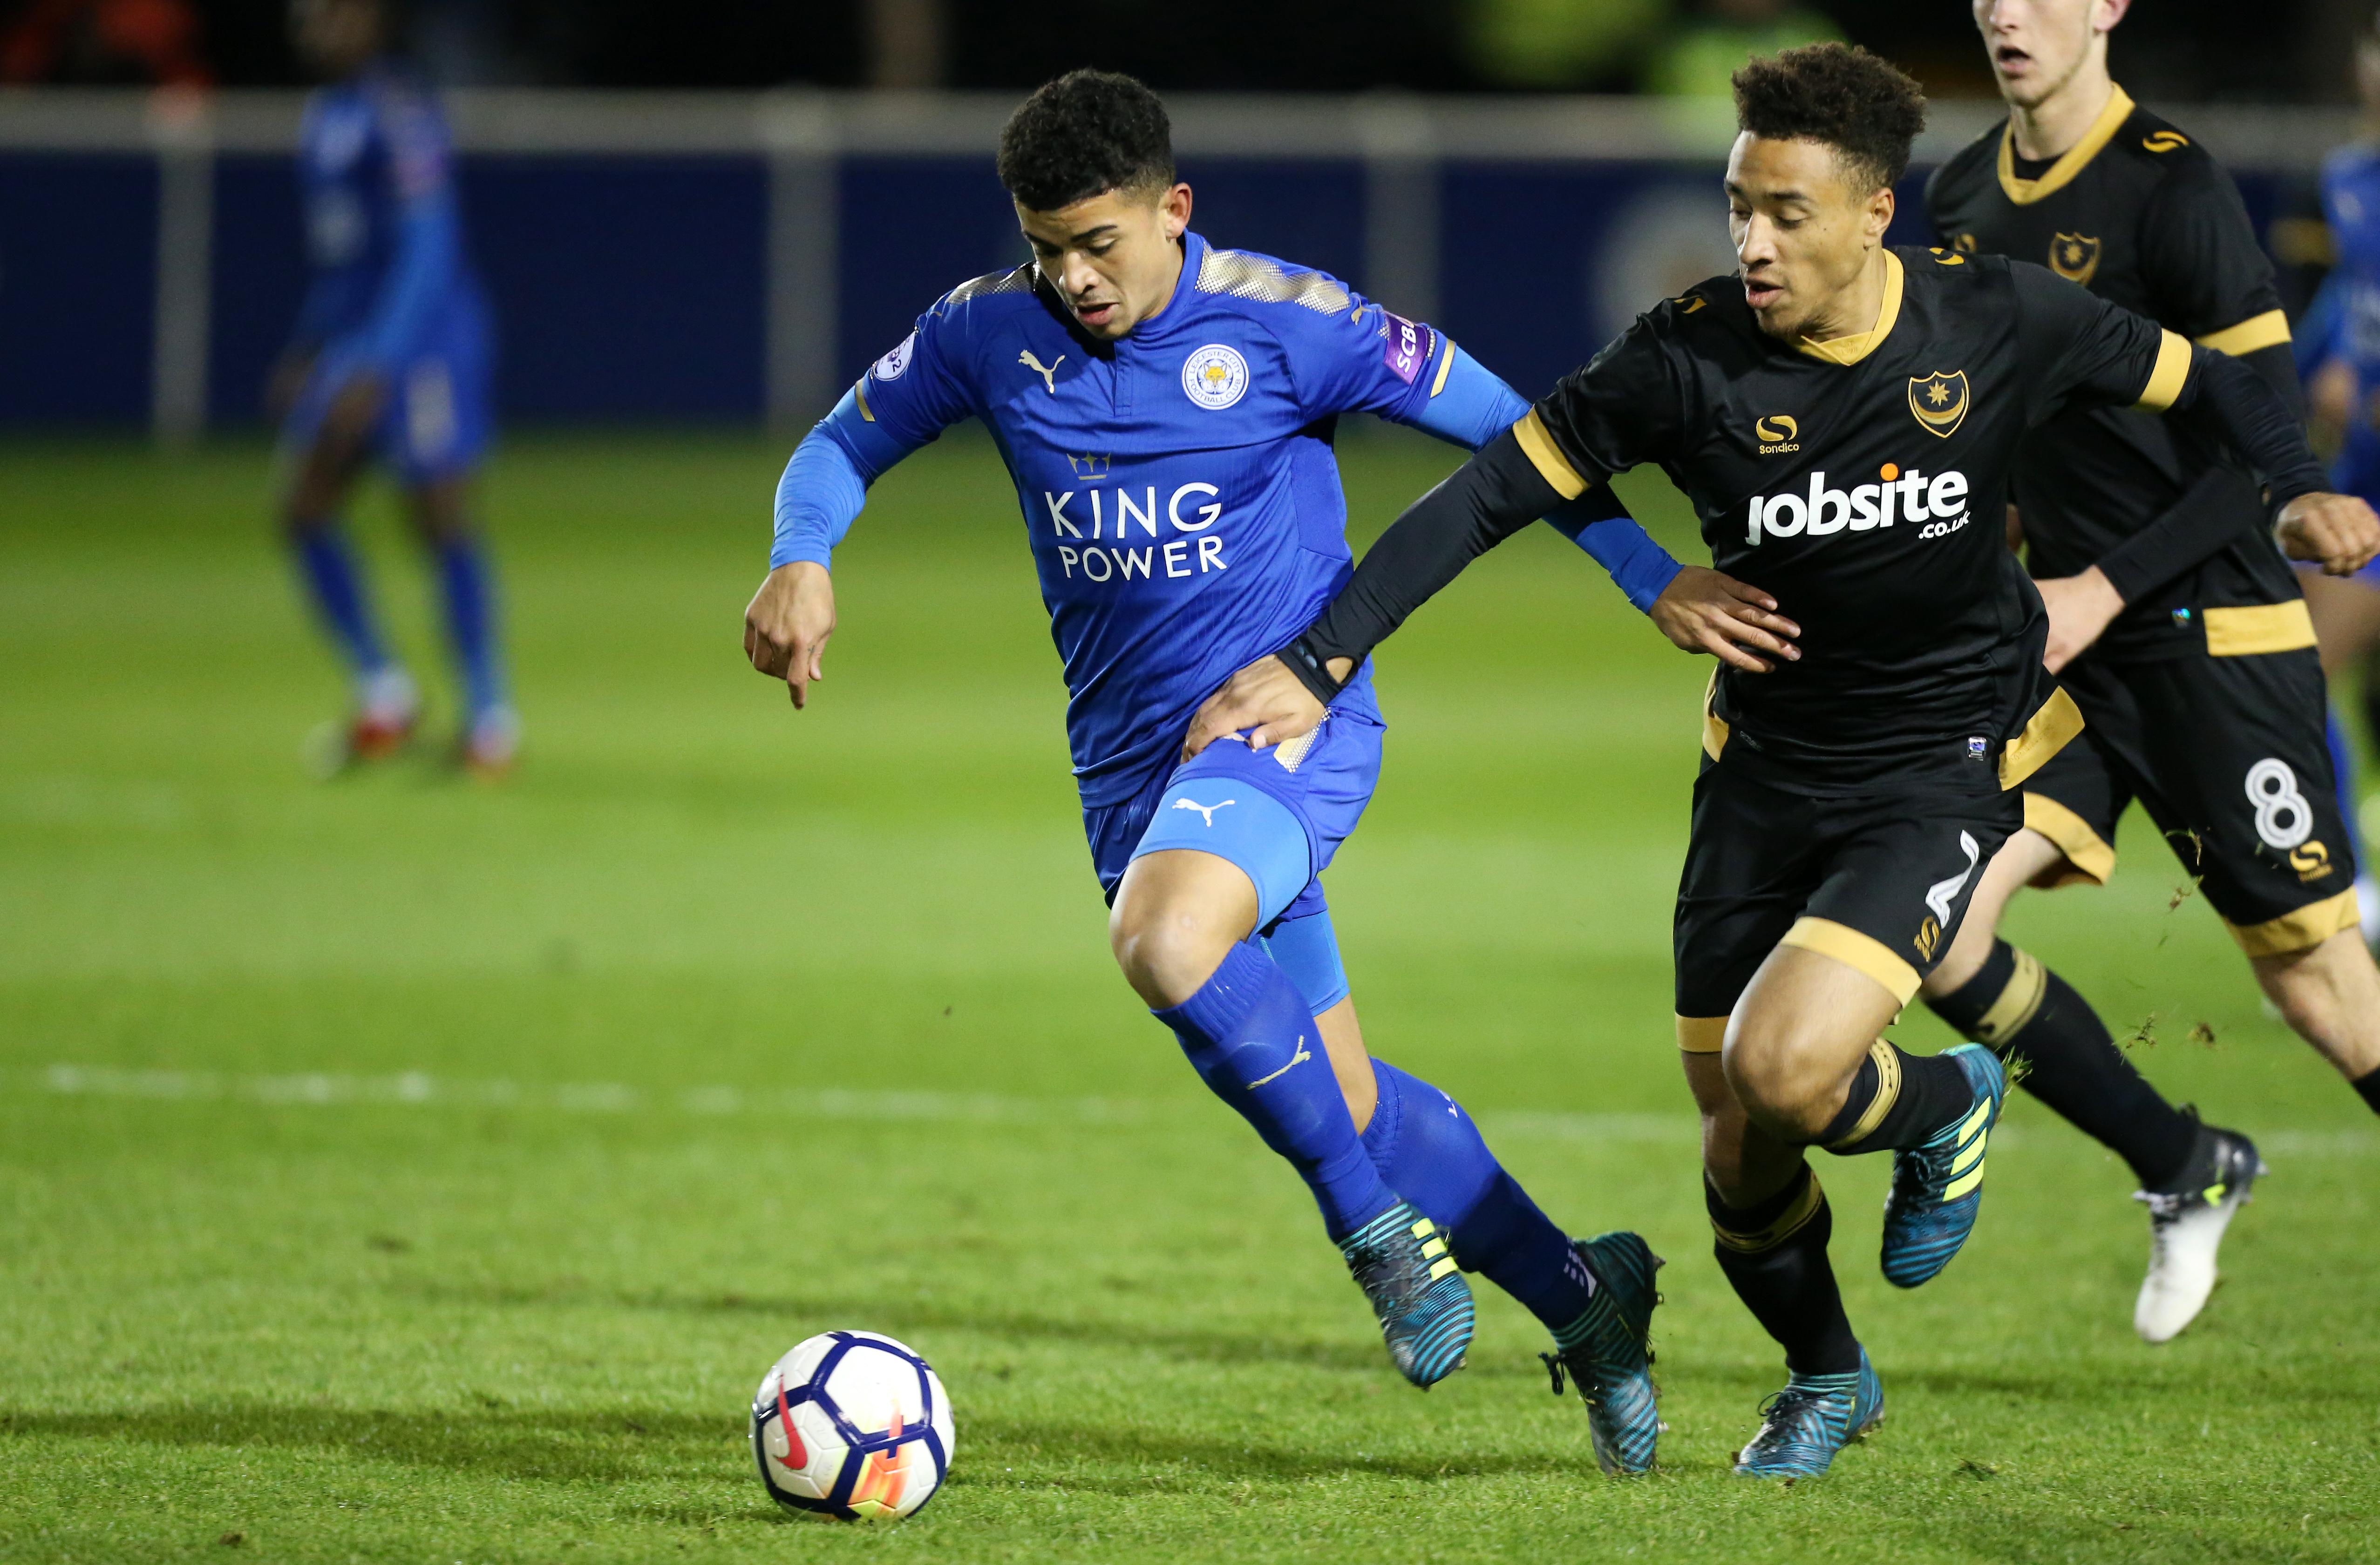 Leicester City U23 v Portsmouth U23: Premier League Cup